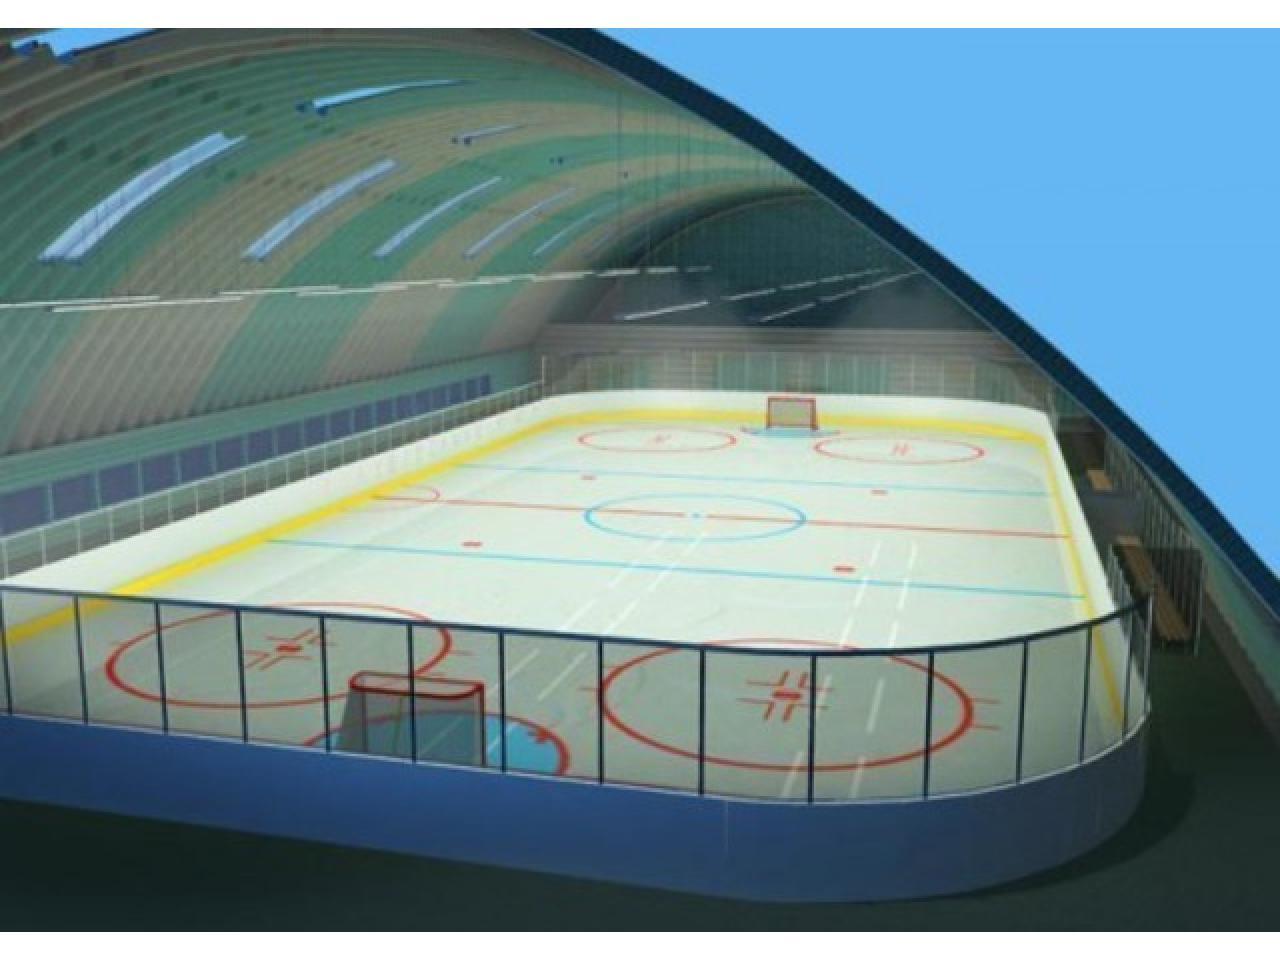 Хоккейная коробка, изготовление и монтаж. По доступной цене и в минимальный срок. - 8